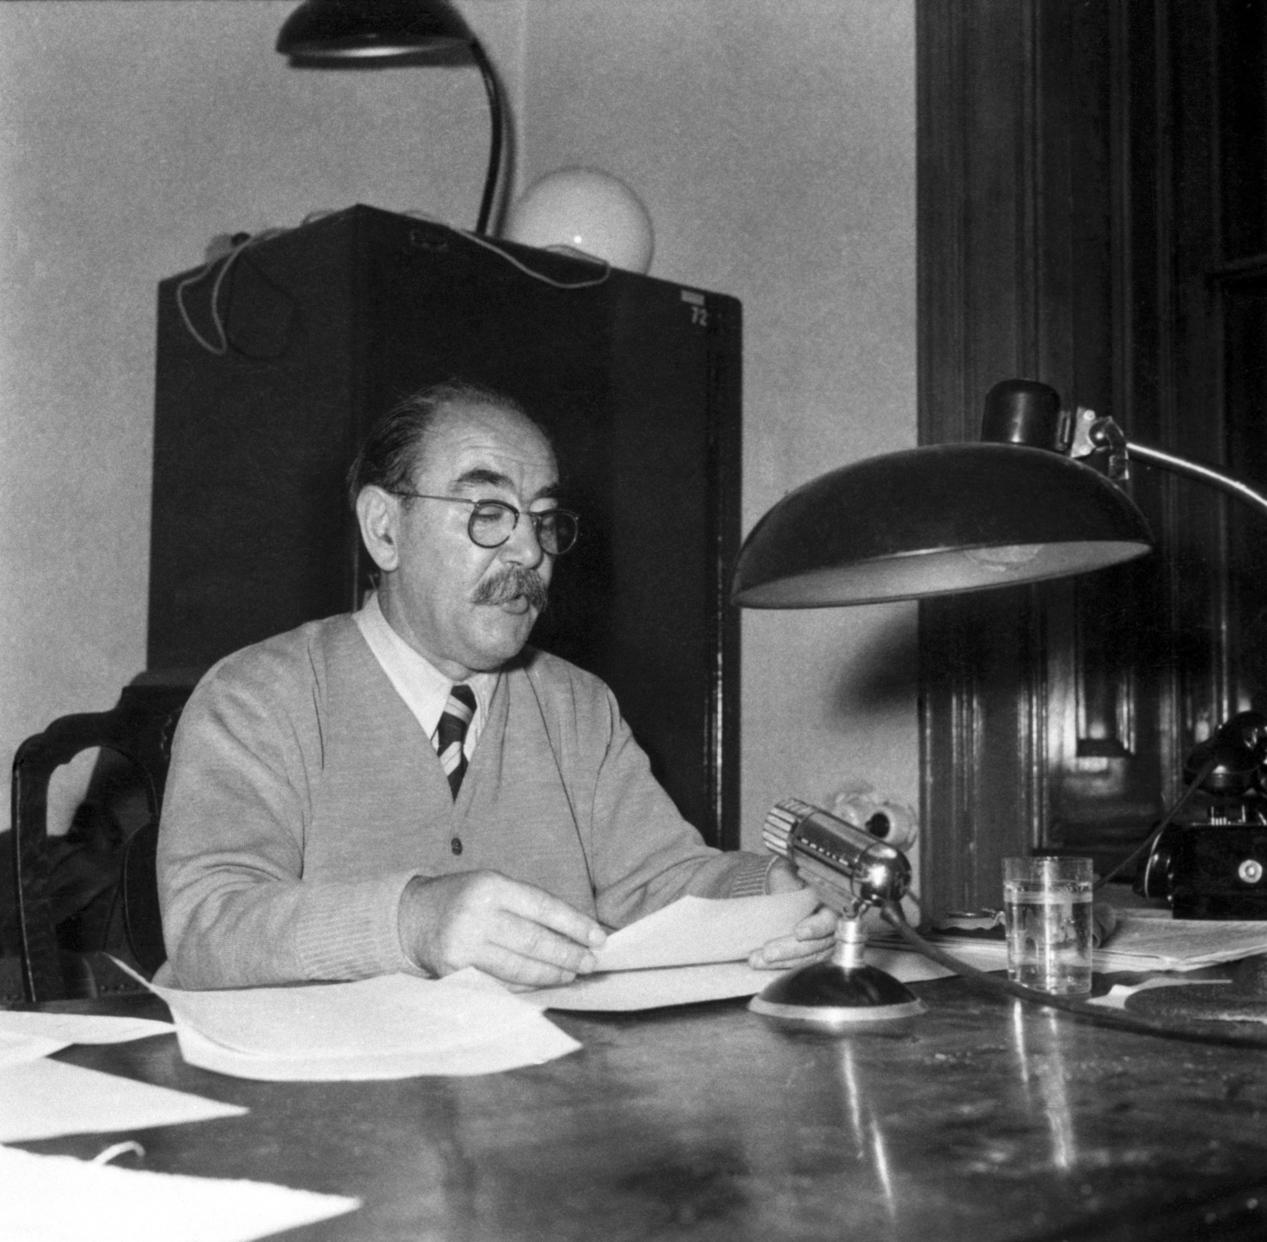 Nagy Imre miniszterelnök rádiónyilatkozata az új kormány megalakulásának napján, 1956. október 28-án (Fotó: MTI/Bojár Sándor)